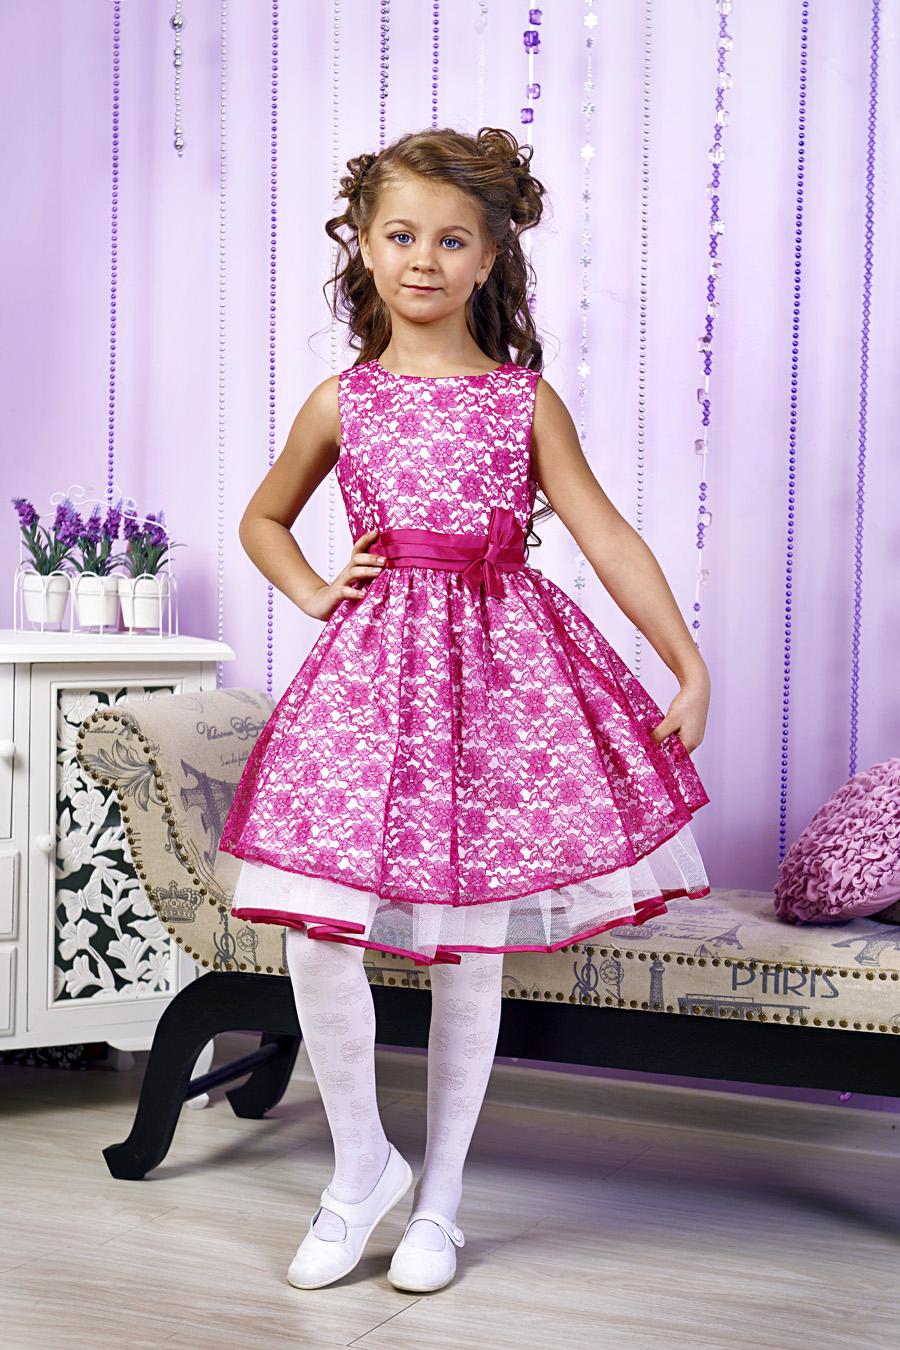 Сбор заказов. Моё любимое платье-9. Такого выбора Вы еще не видели! Костюмы на мальчиков. Аксессуары. Без рядов. Готовимся к выпускным!